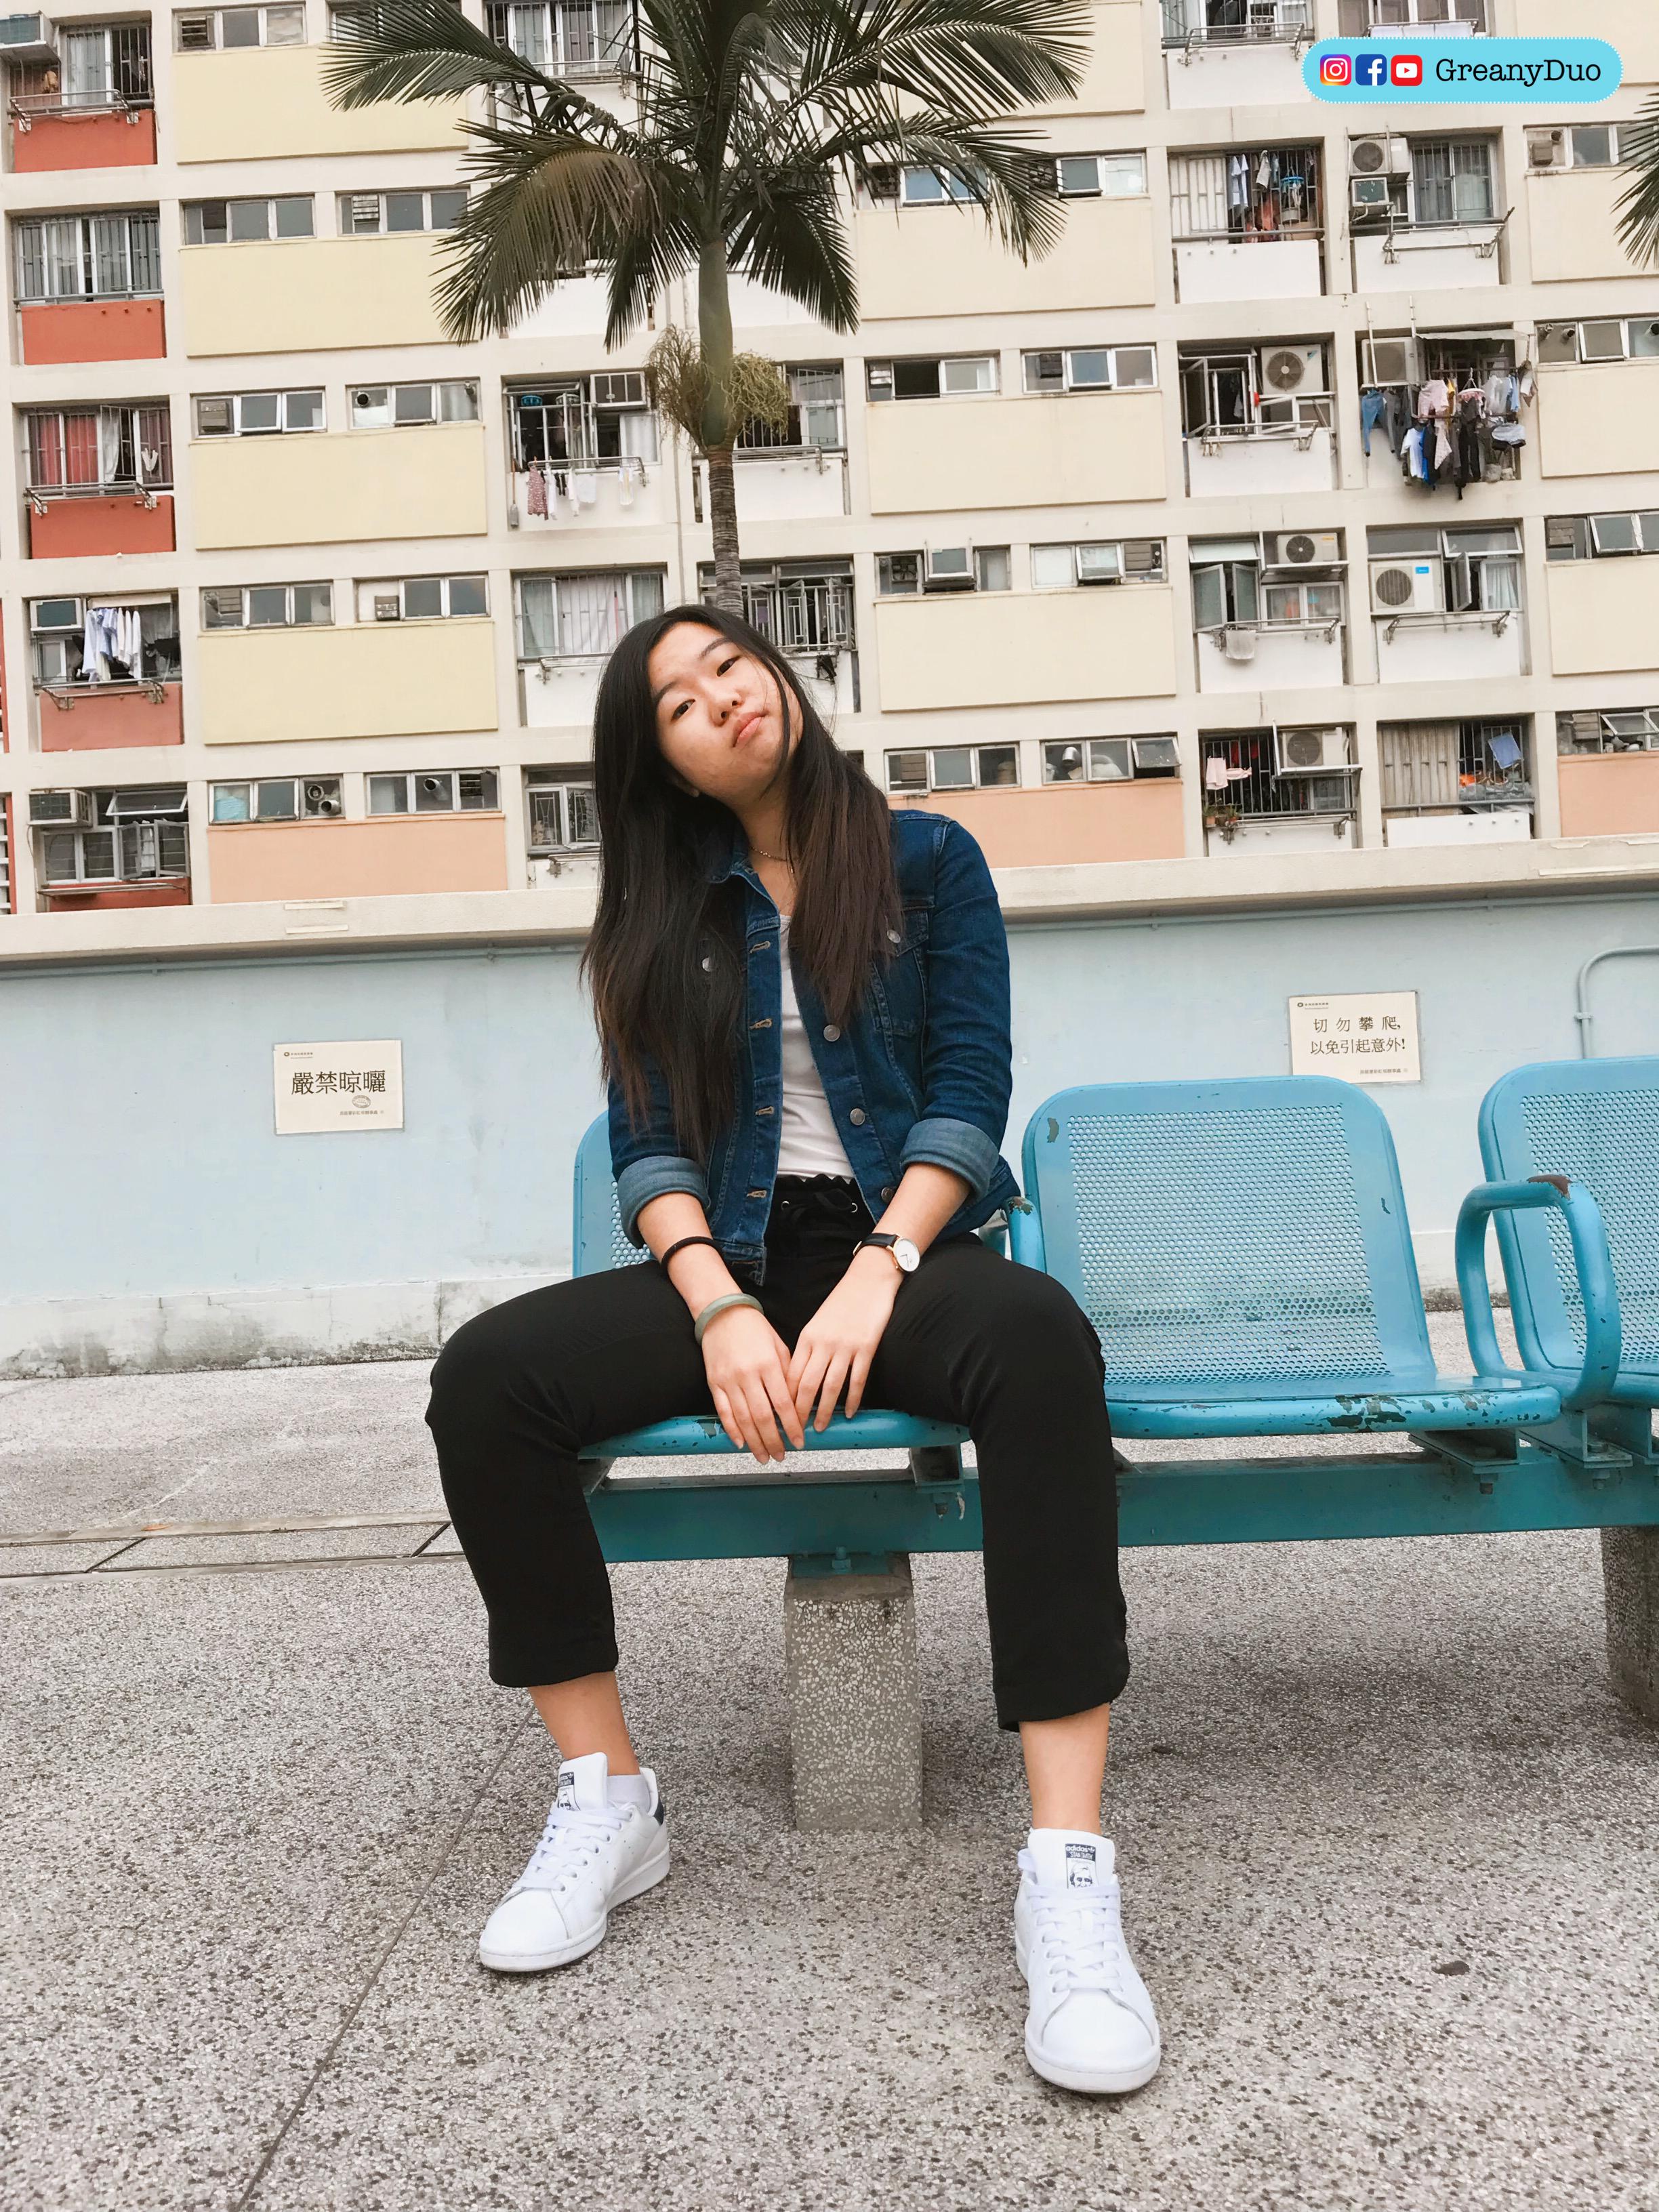 032Greanyduo_HK_Choihung_WM.jpg